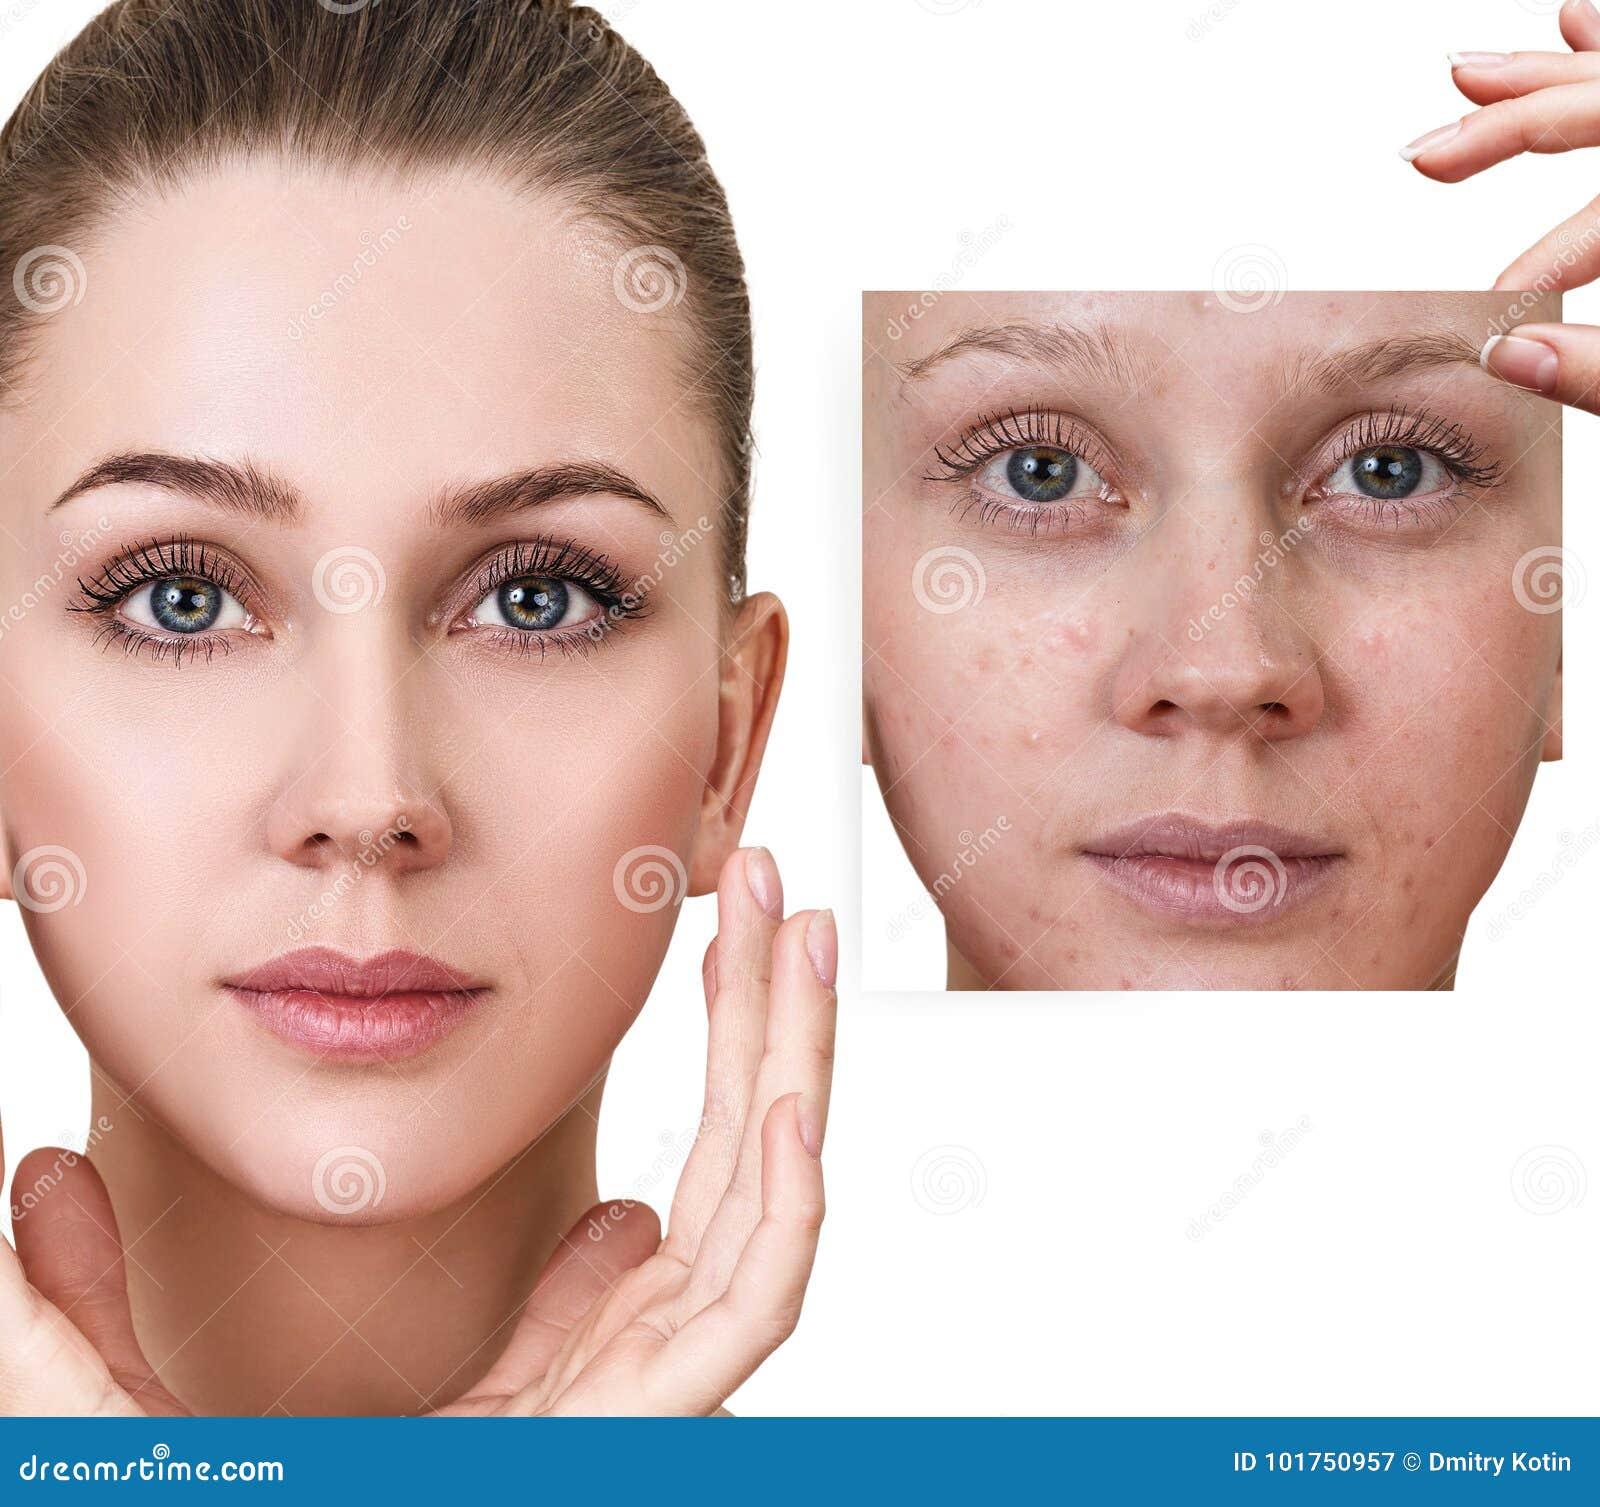 Same, Fingerprint shows on facial skin remarkable